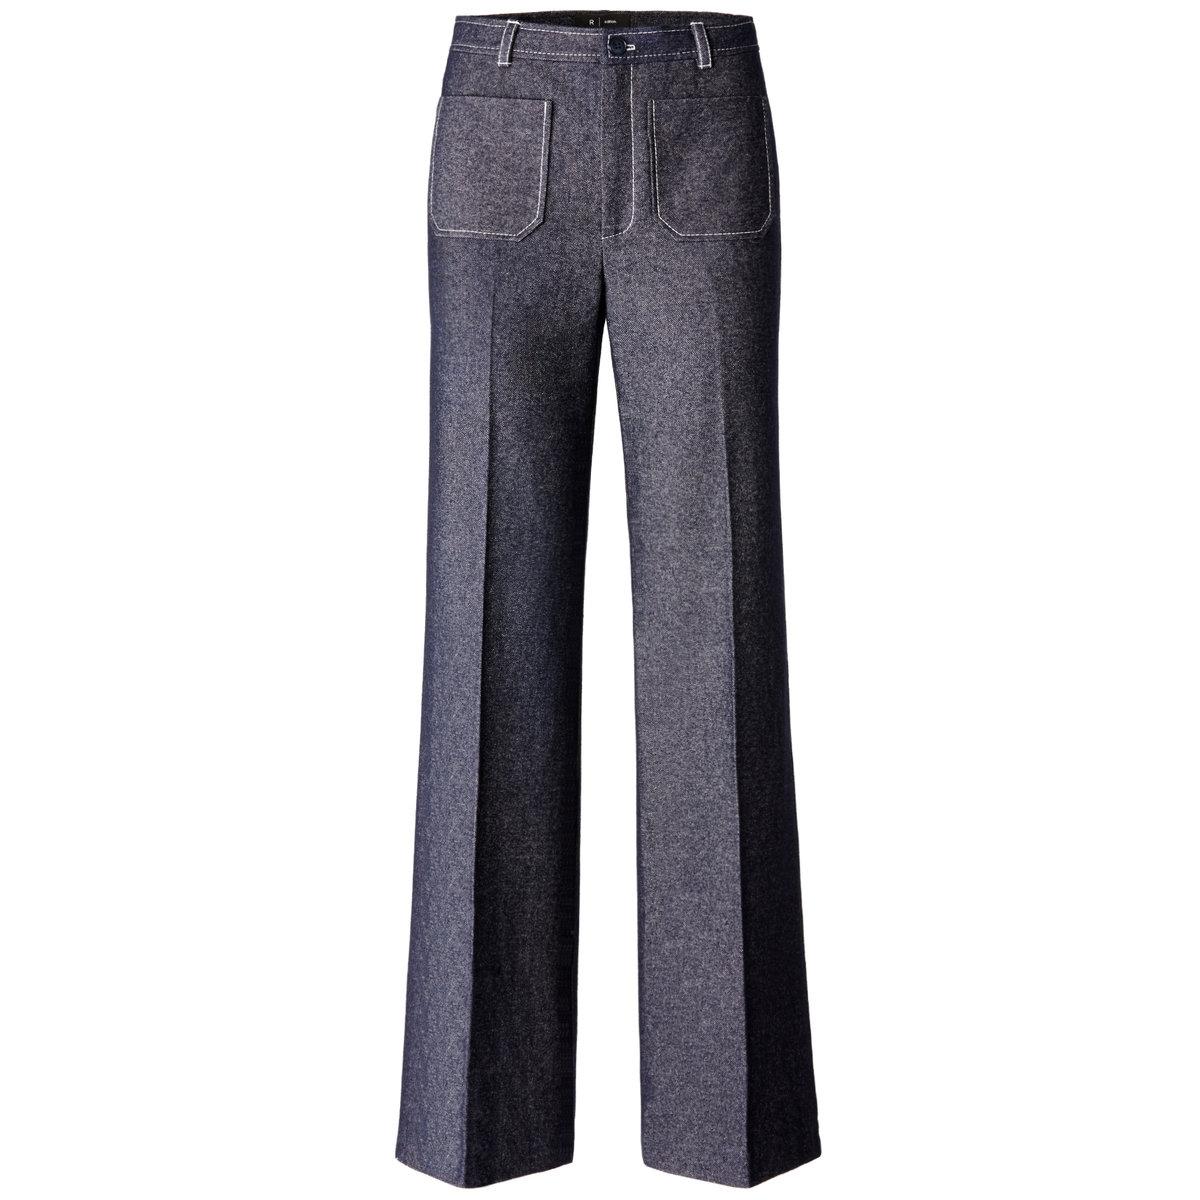 Джинсы с высоким поясомДжинсы с высоким поясом. Деним: 45% шерсти, 30% хлопка, 20% полиэстера, 5% других волокон. 2 накладных кармана спереди и сзади. Длина по внутр.шву 83 см. Ширина по низу 26 см.<br><br>Цвет: деним<br>Размер: 36 (FR) - 42 (RUS)